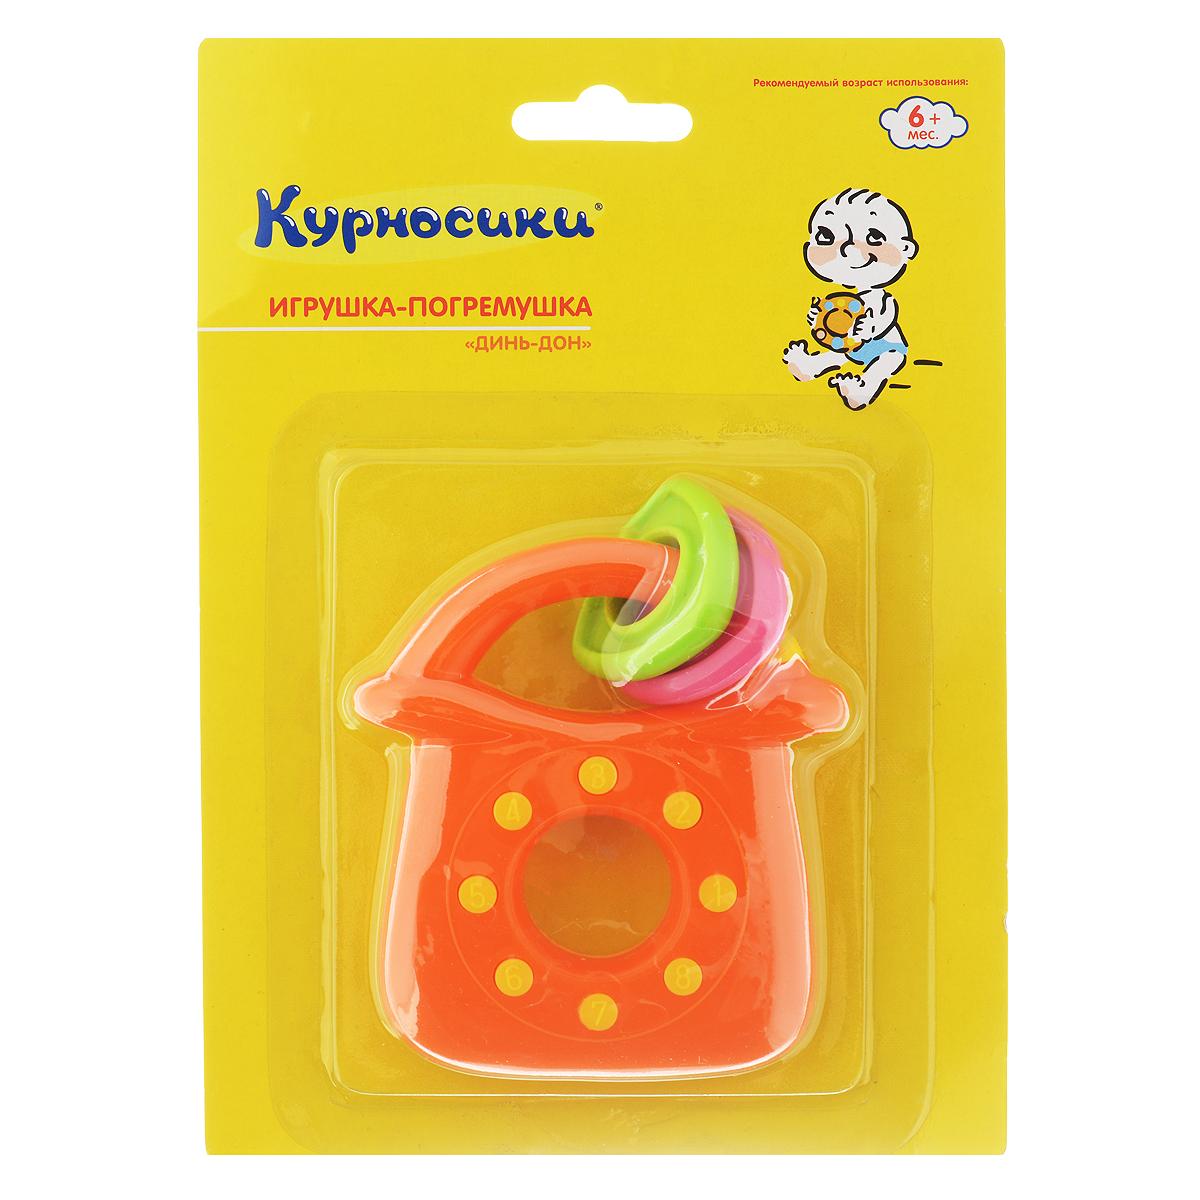 Погремушка Курносики Динь-дон, цвет: оранжевый. 2137021370Погремушка Курносики Динь-дон — легкая игрушка, которую удобно держать в маленьких ручках. Отлично подходит в качестве первой погремушки. Погремушка по форме напоминает домашний телефон: есть даже имитация кнопочек с цифрами от 1 до 8. Яркие цвета, нежный звук, разнообразные текстуры способствуют развитию визуального, слухового, тактильного восприятия малыша.